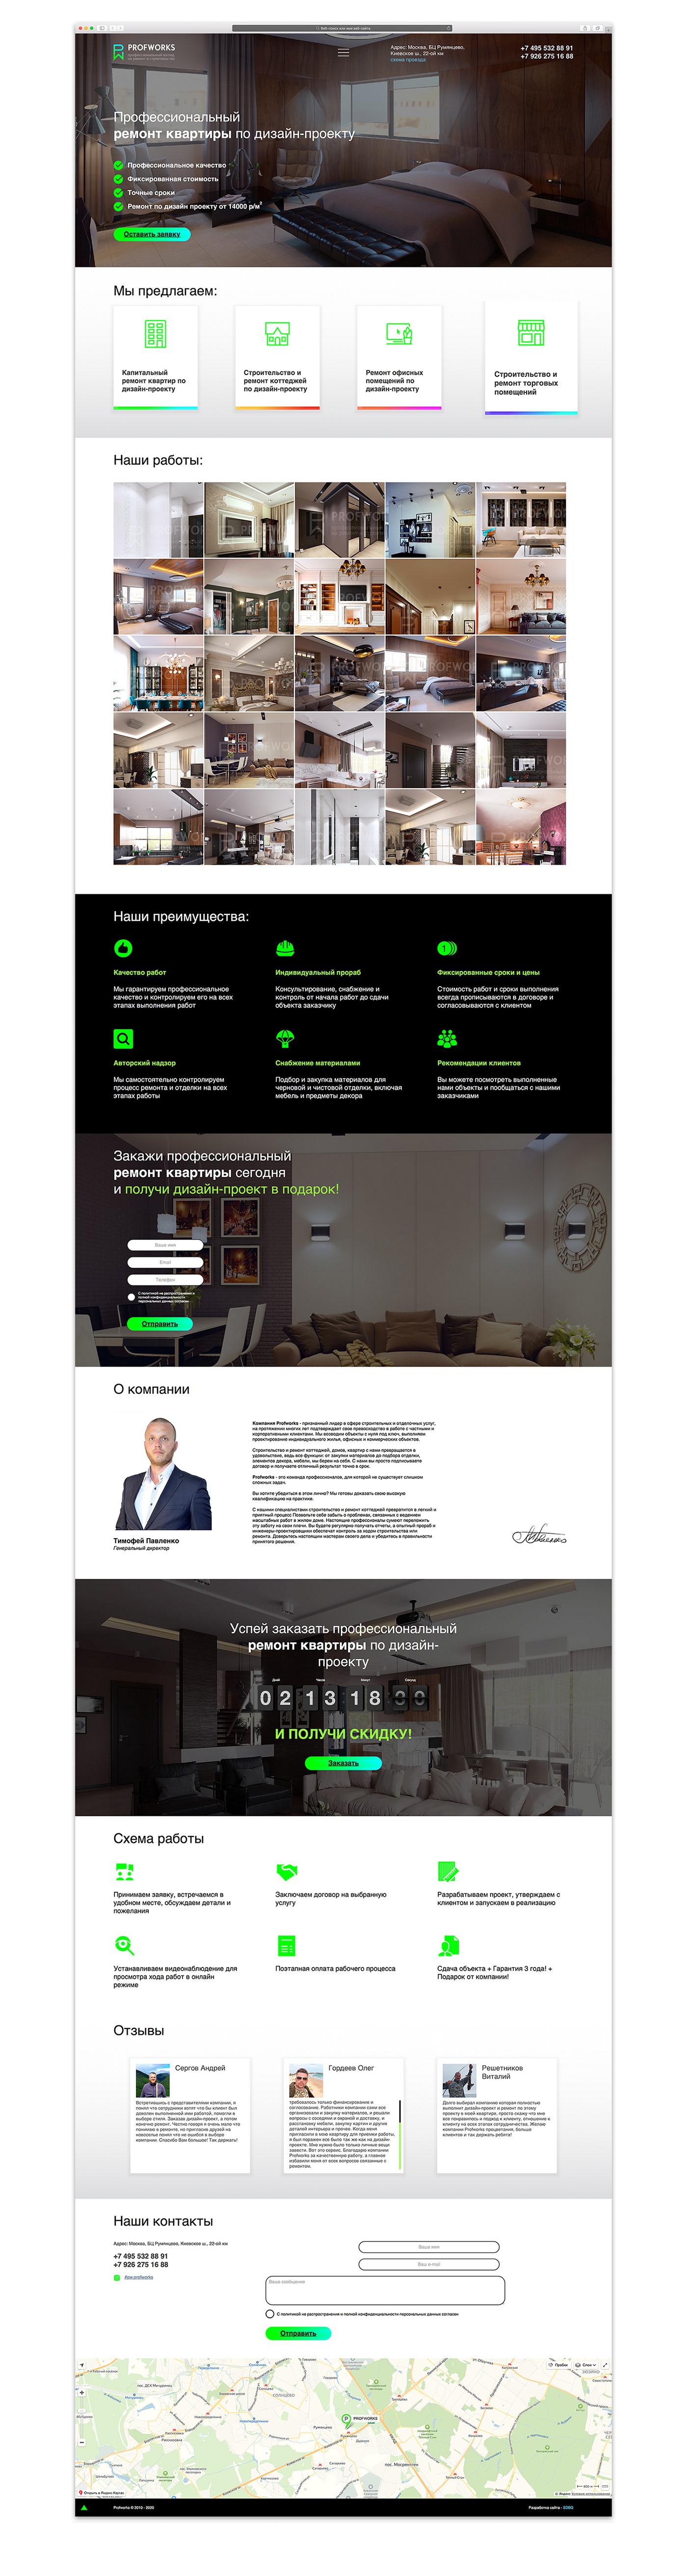 design landing page sdbg Web веб дизайн дизайн лендинг ремонт строительство